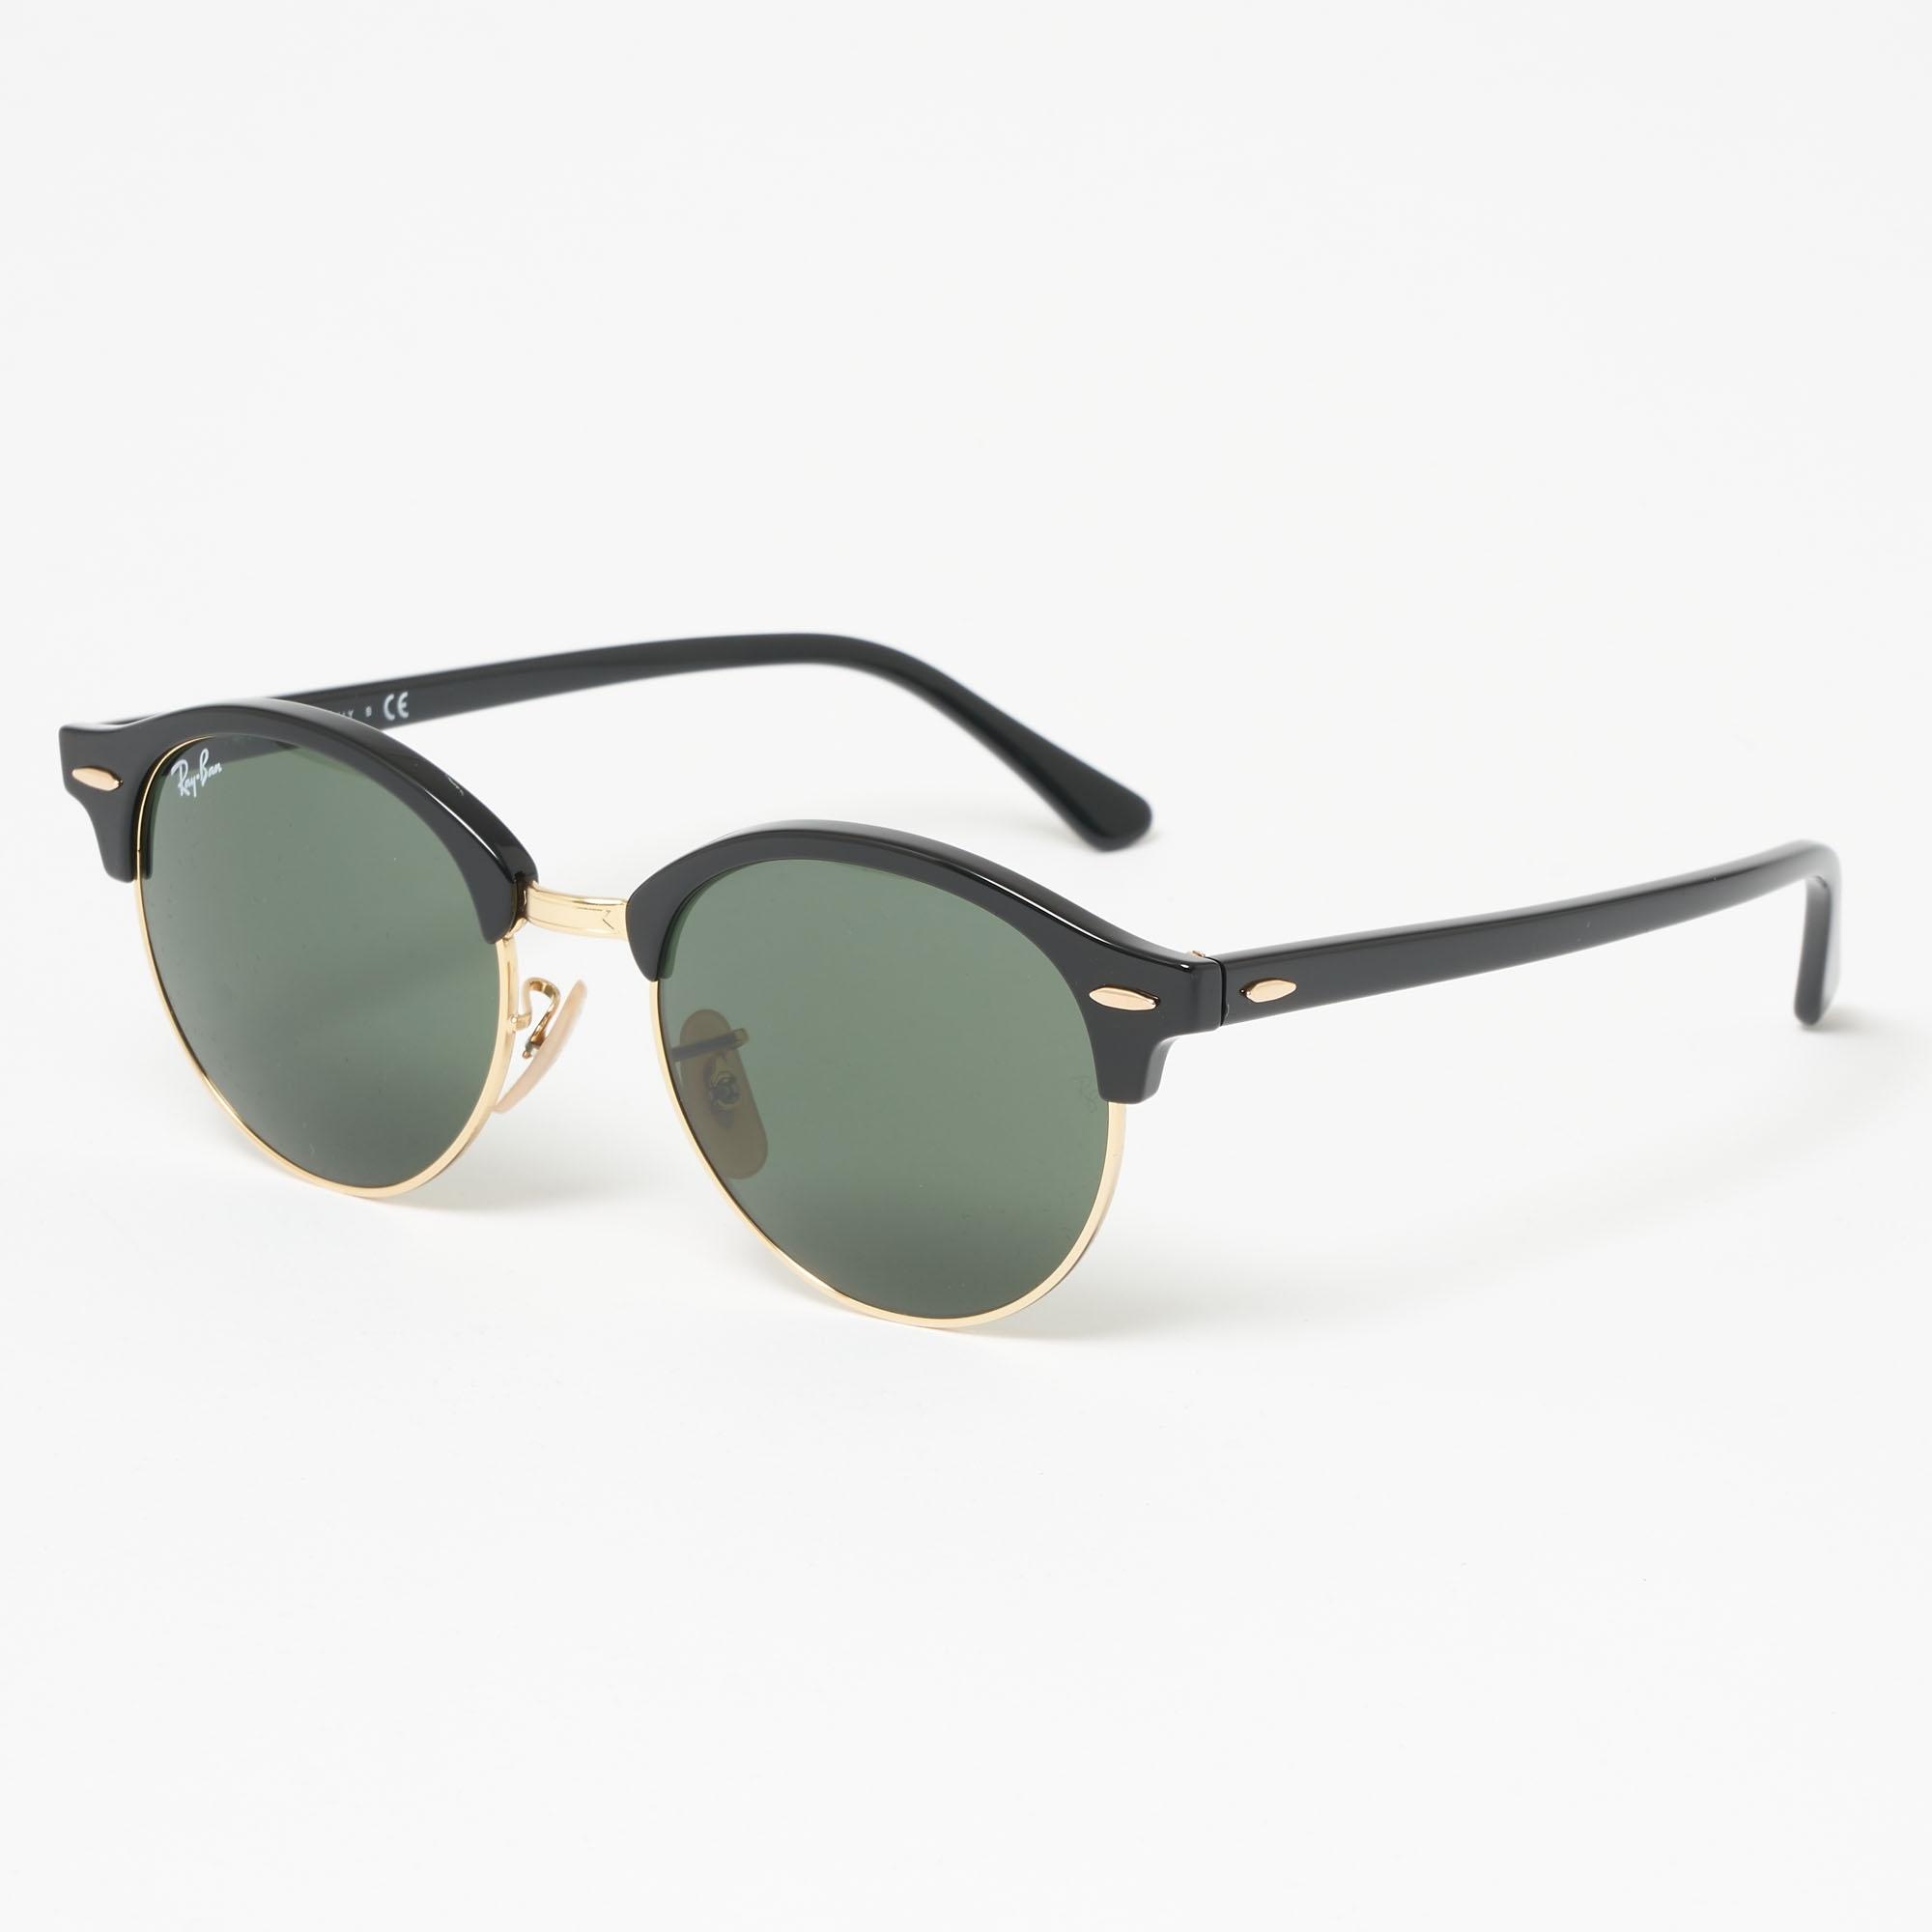 22eedbaaec Black Classic Clubmaster Sunglasses - Classic G15 lenses